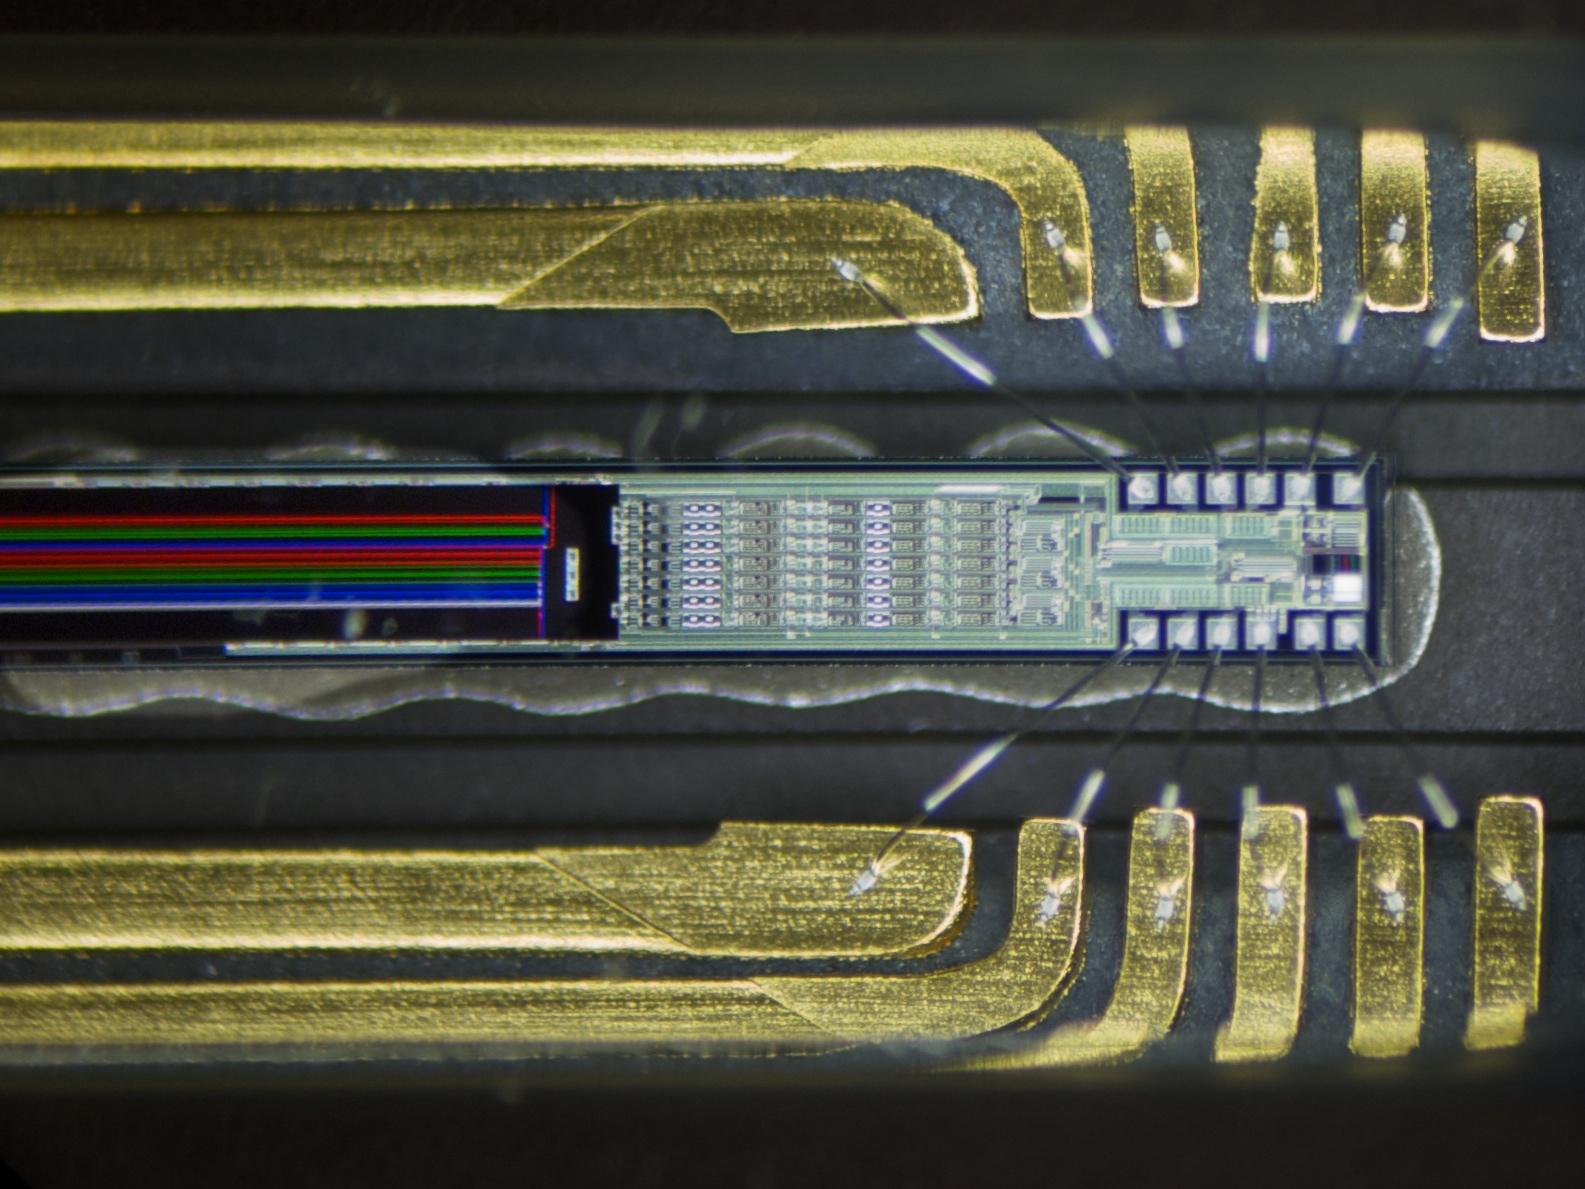 матрица для технопланктона купить в армавире